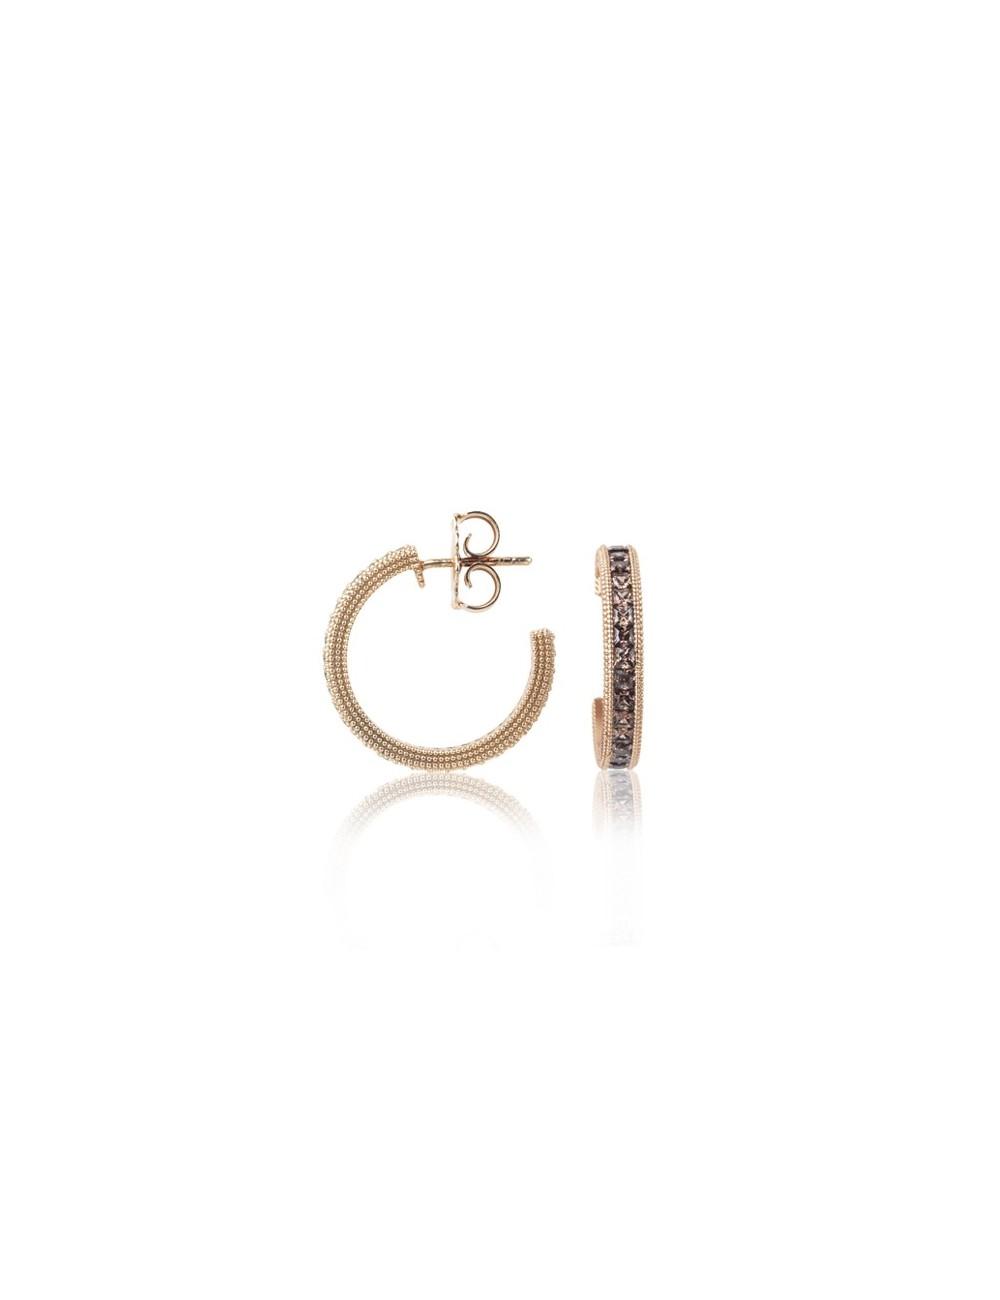 Sunfield -Pendientes Sunfield plata baño oro rosa y circonitas -PE062531/2